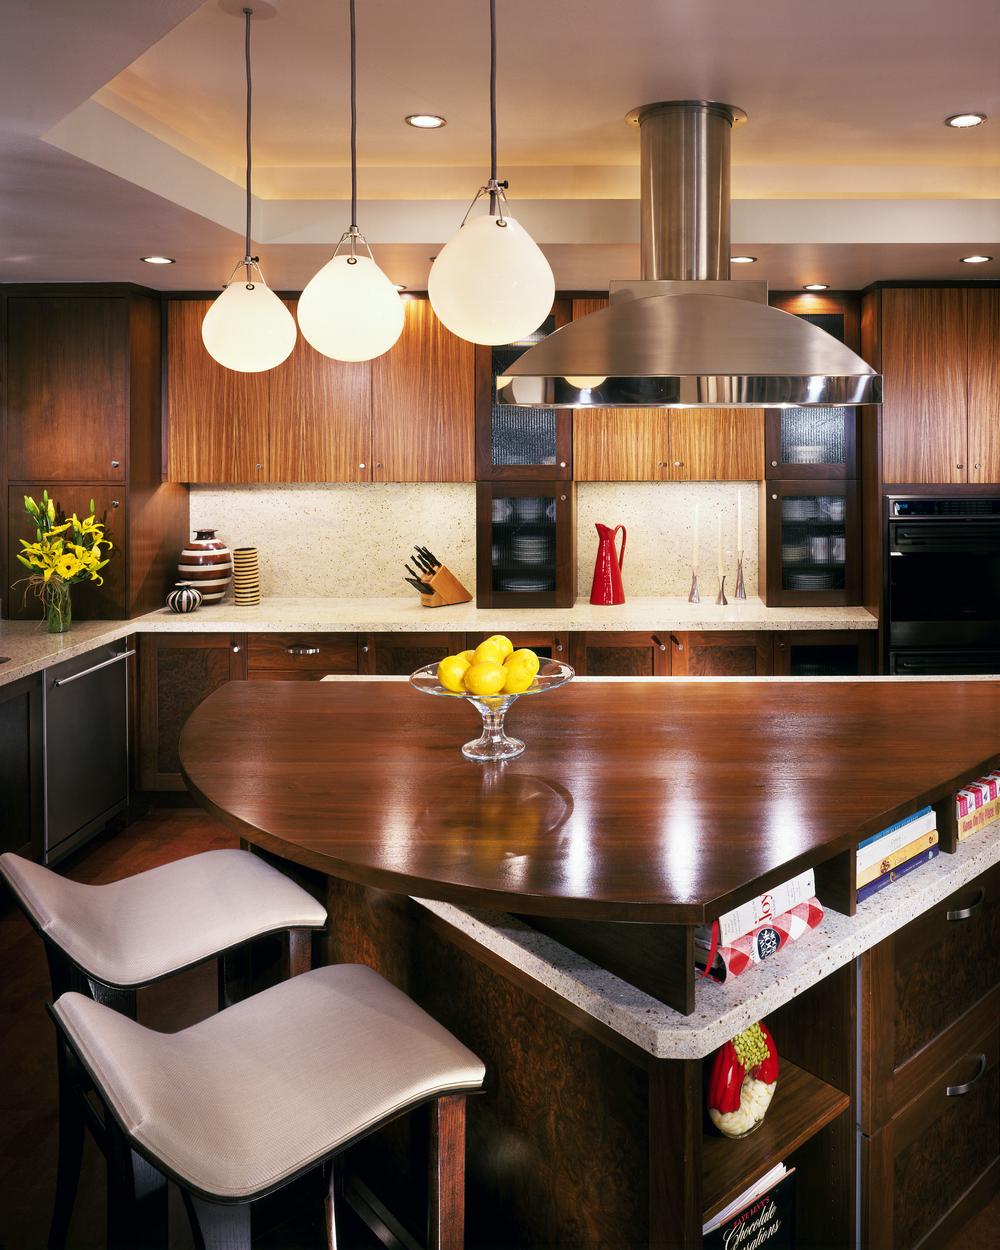 kitchen_14.jpg